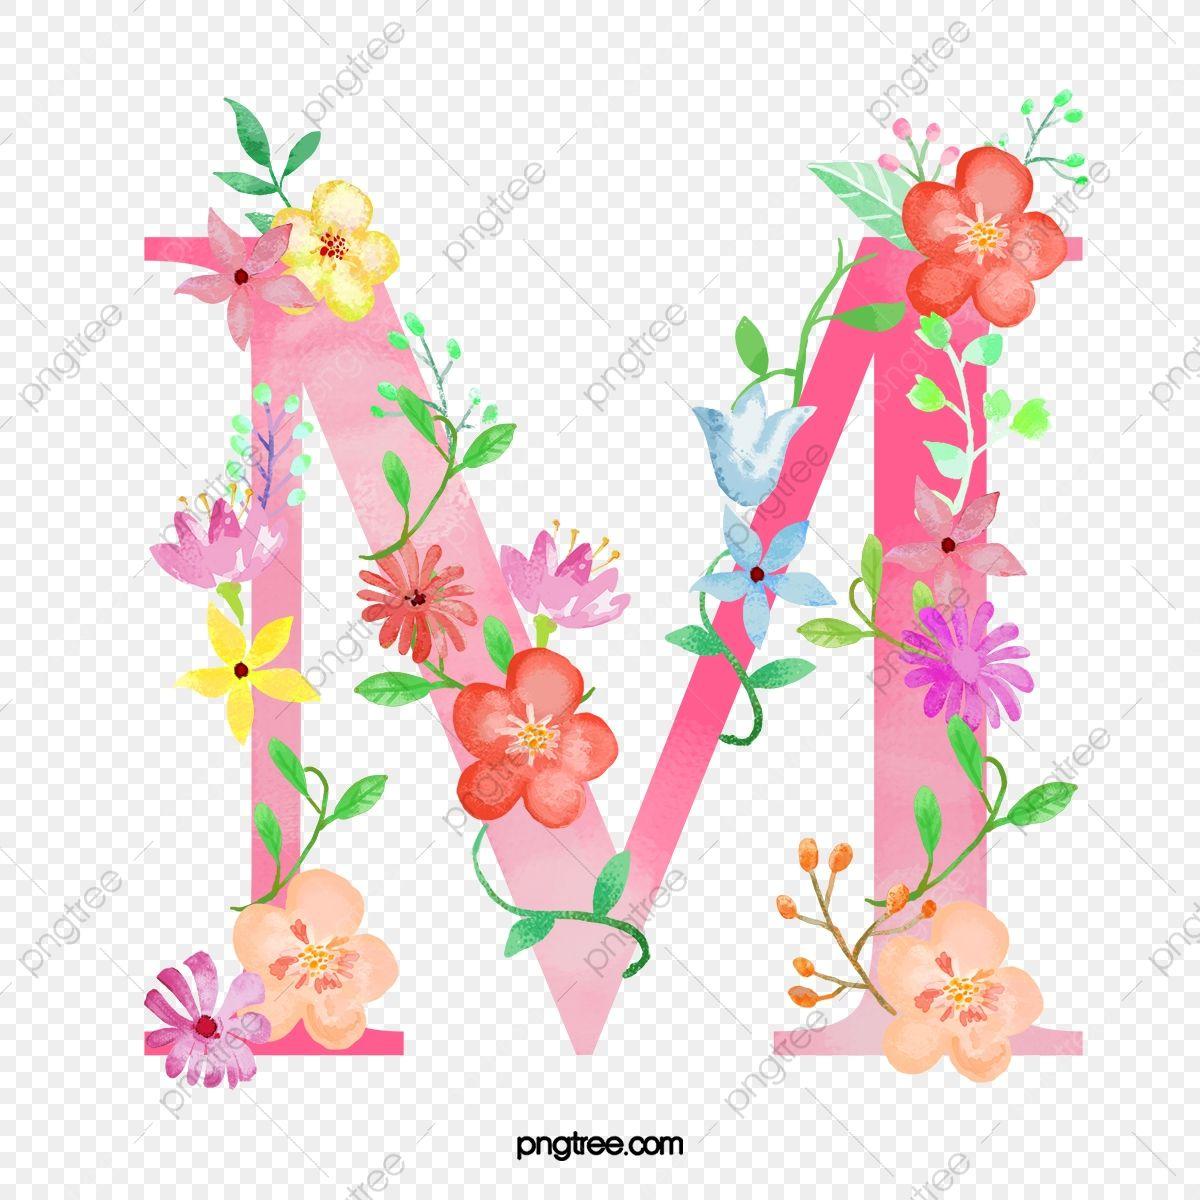 La Fleur De La Lettre M Lettre M Fleur Fichier Png Et Psd Pour Le Telechargement Libre Flower Letters Alphabet Wallpaper M Letter Images